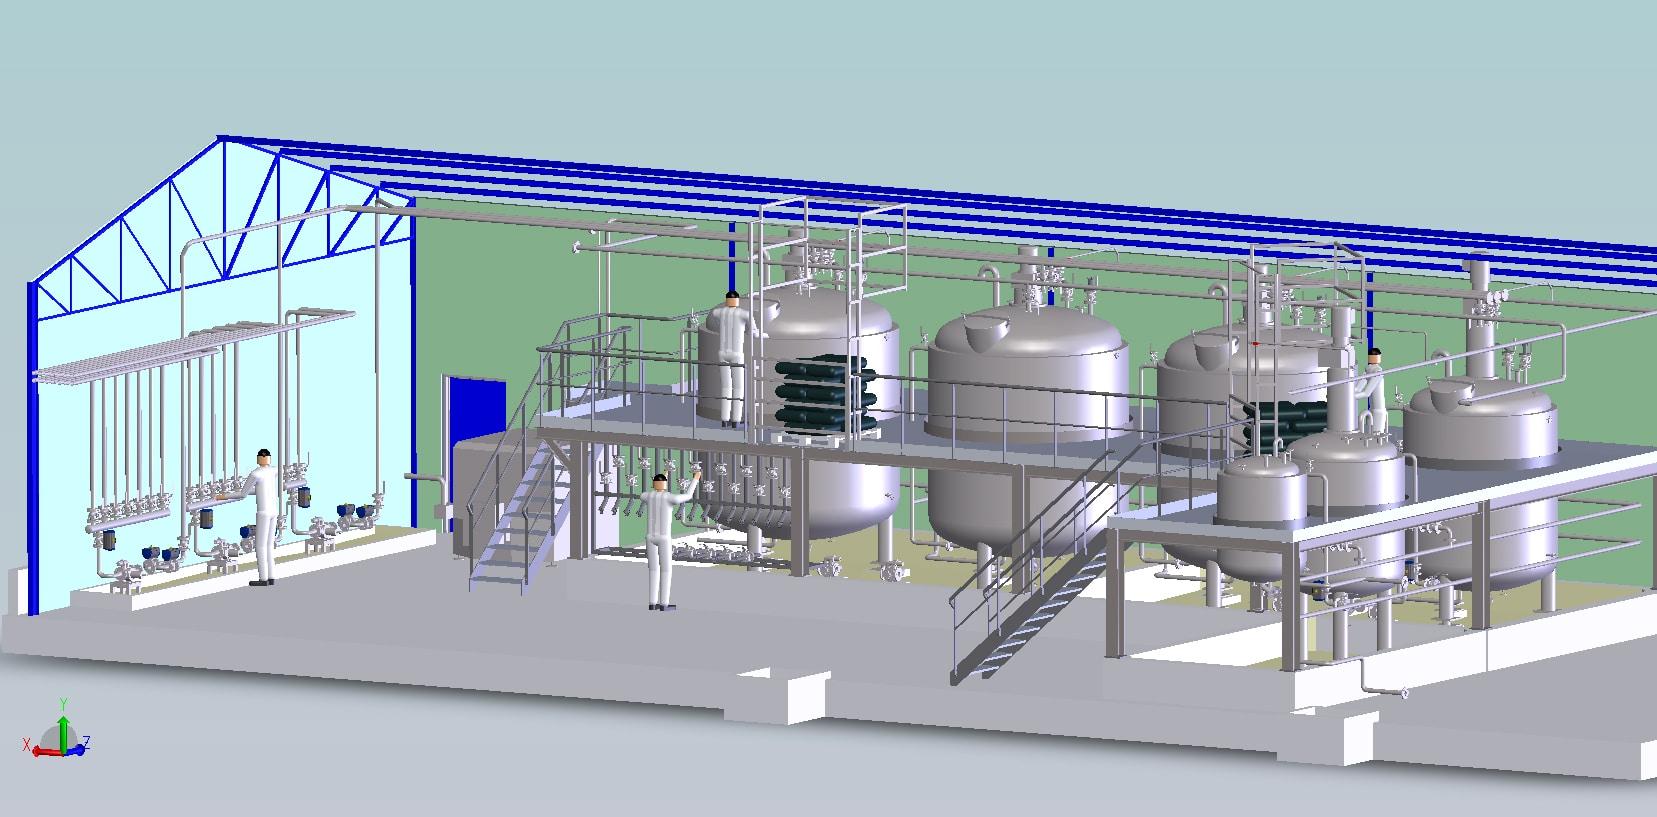 Construc. unité de production produits chimiques<br>APD/consultations/coordination technique